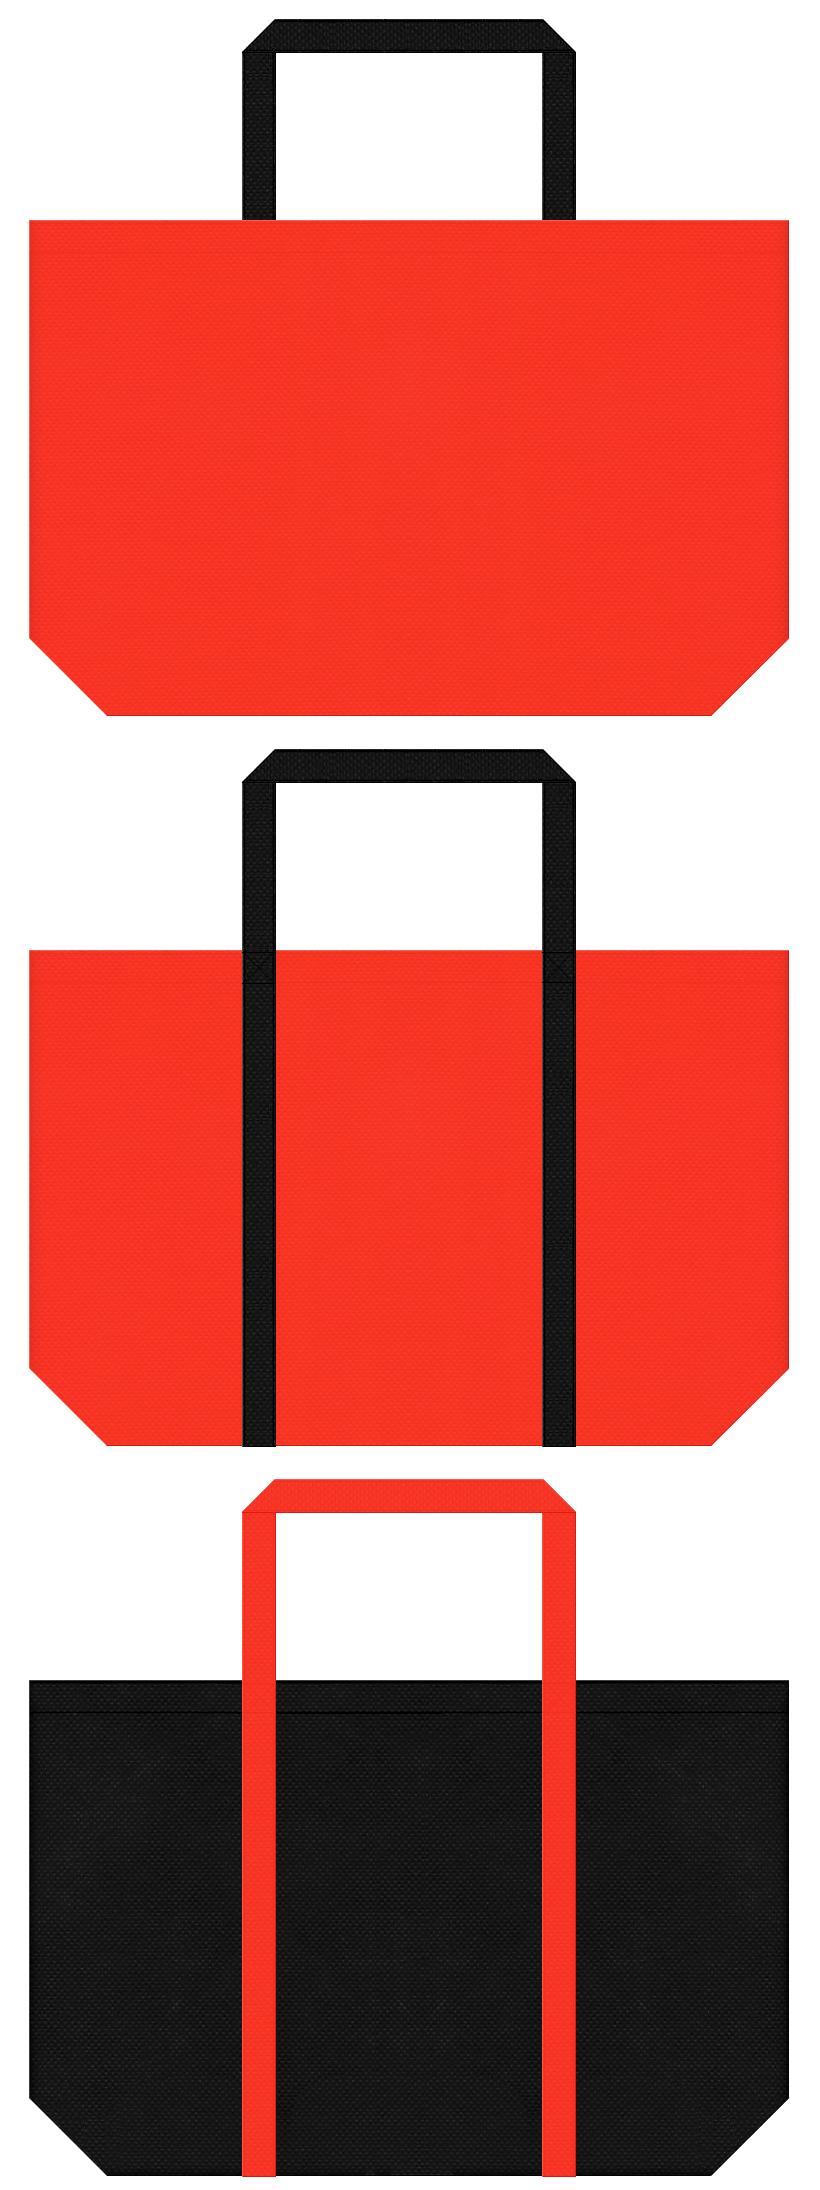 ハロウィン・アリーナ・消防団・レスキュー・作業服・ユニフォーム・バスケットボール・スポーツイベント・スポーティーファッション・スポーツバッグにお奨めの不織布バッグデザイン:オレンジ色と黒色のコーデ